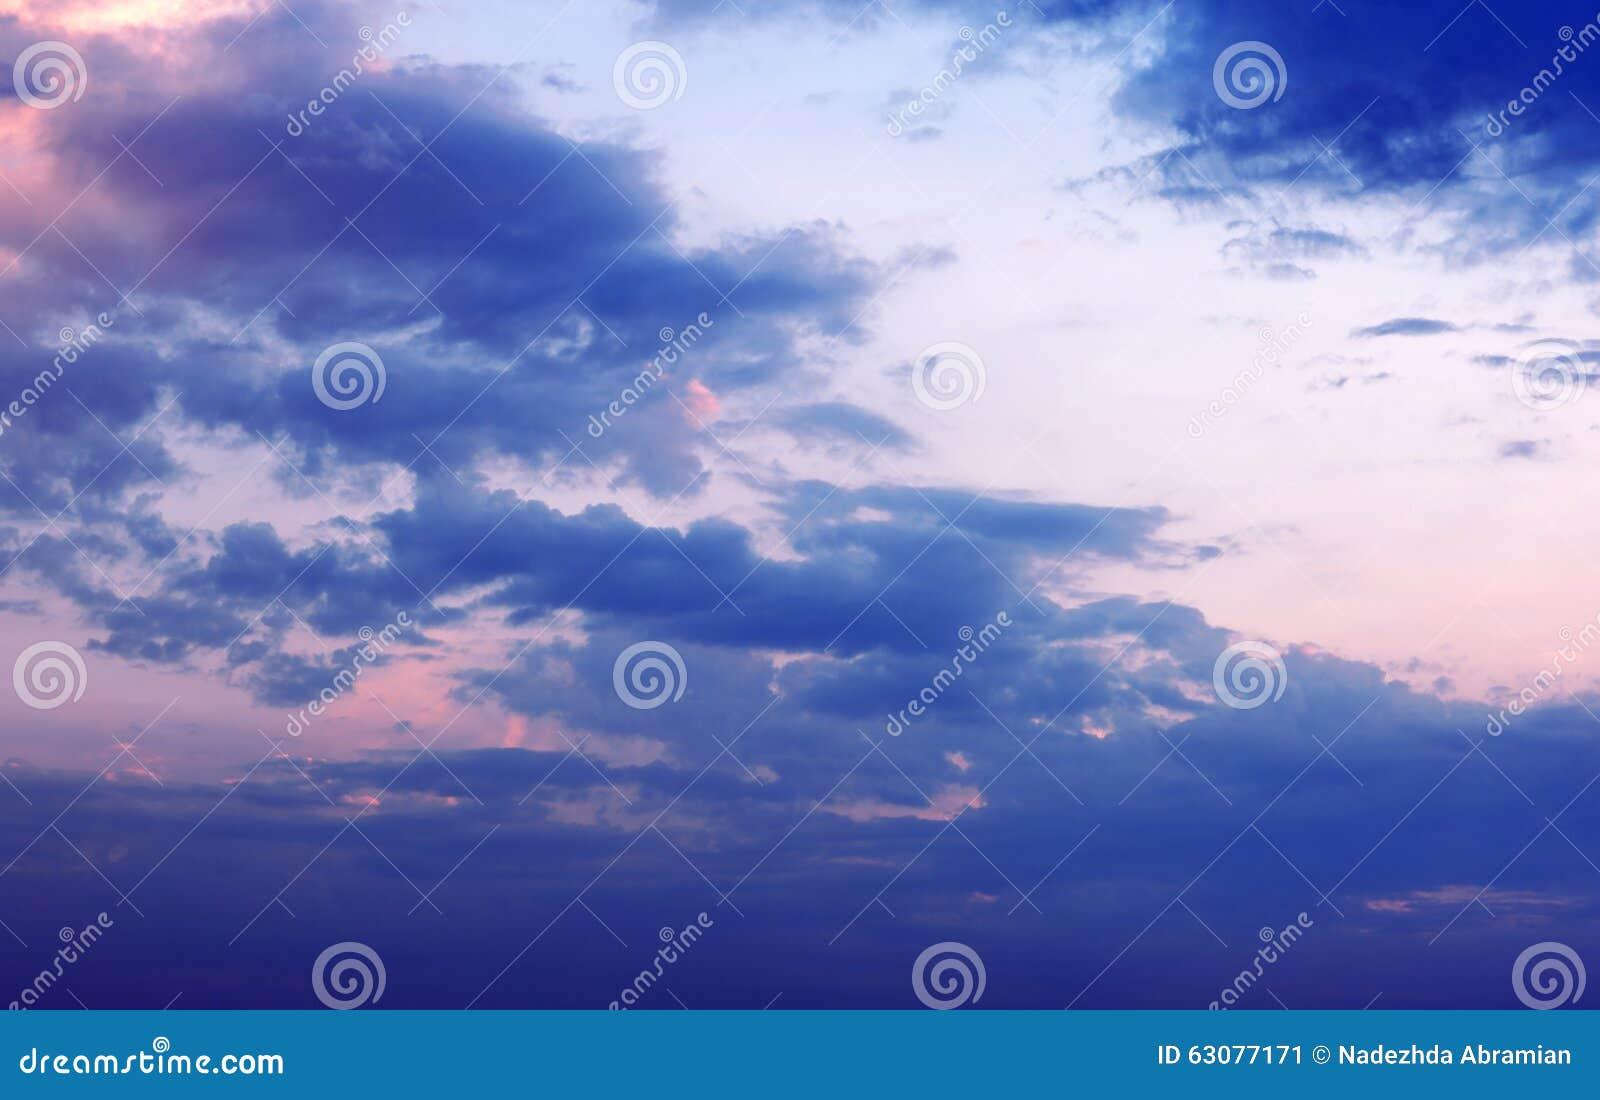 Download Ciel Dans Le Coucher Du Soleil De Soirée Image stock - Image du sunset, horizontal: 63077171